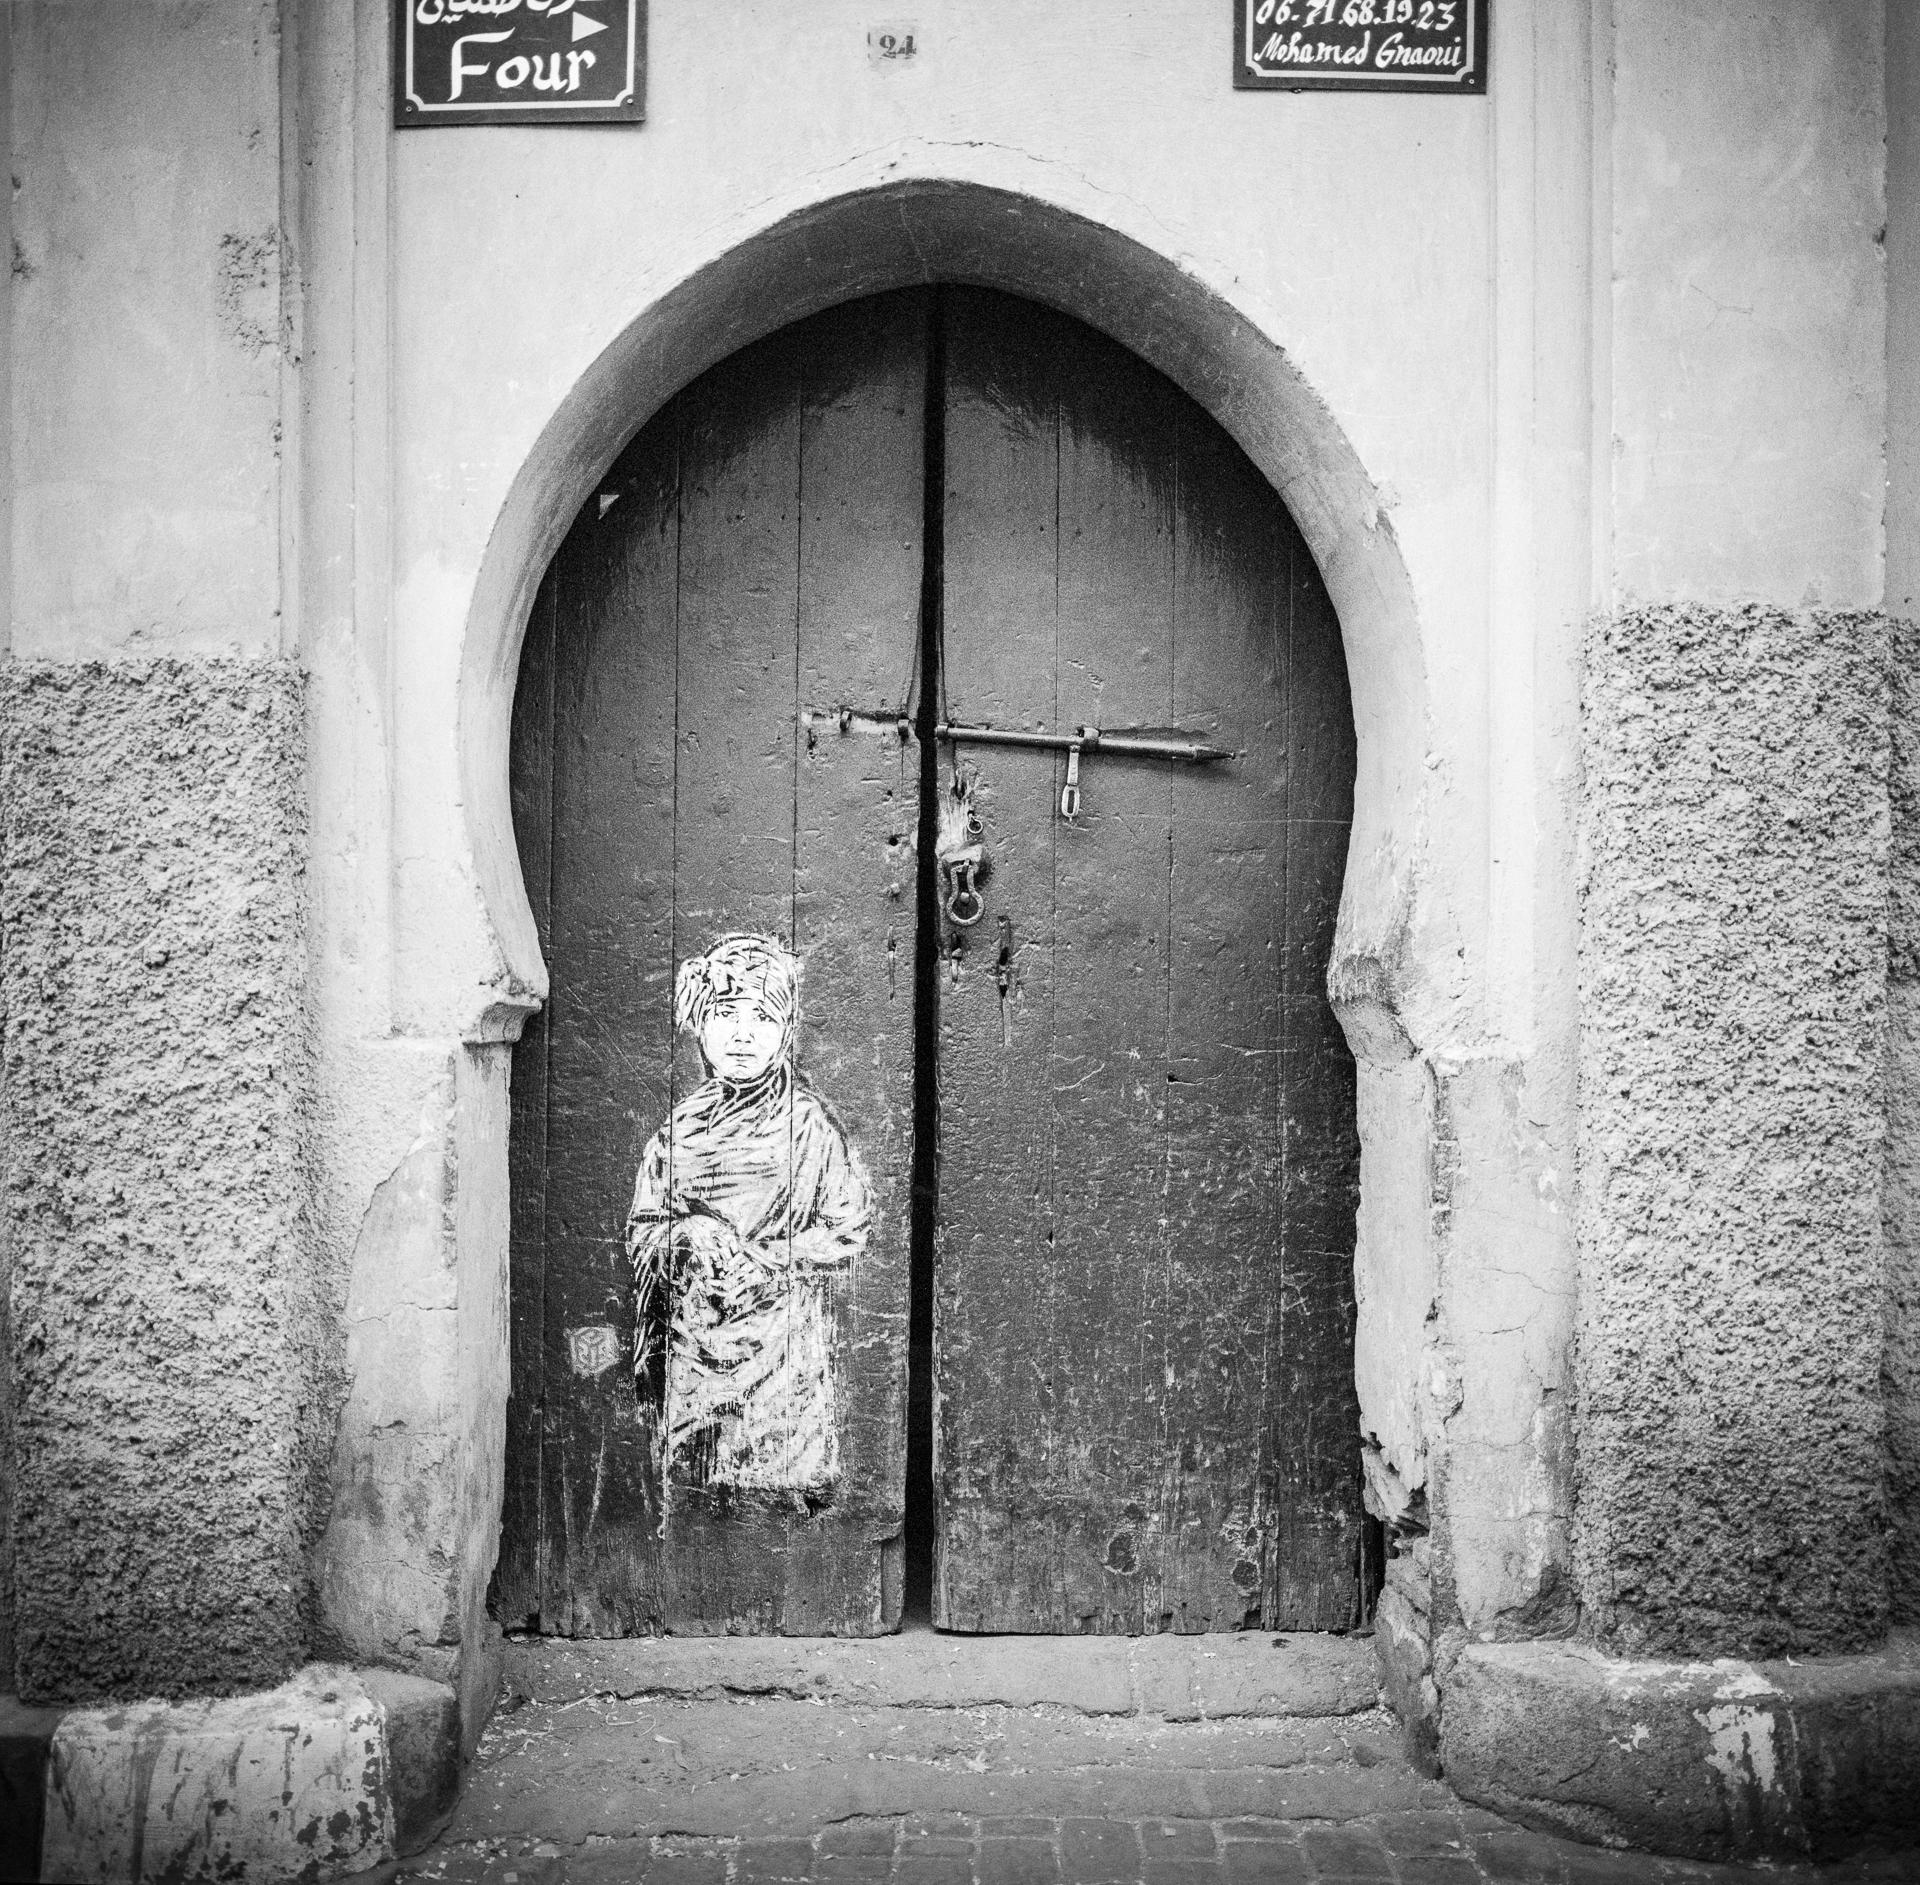 2014-01-30_Roll_05_Marrakech_RAW_02.jpg